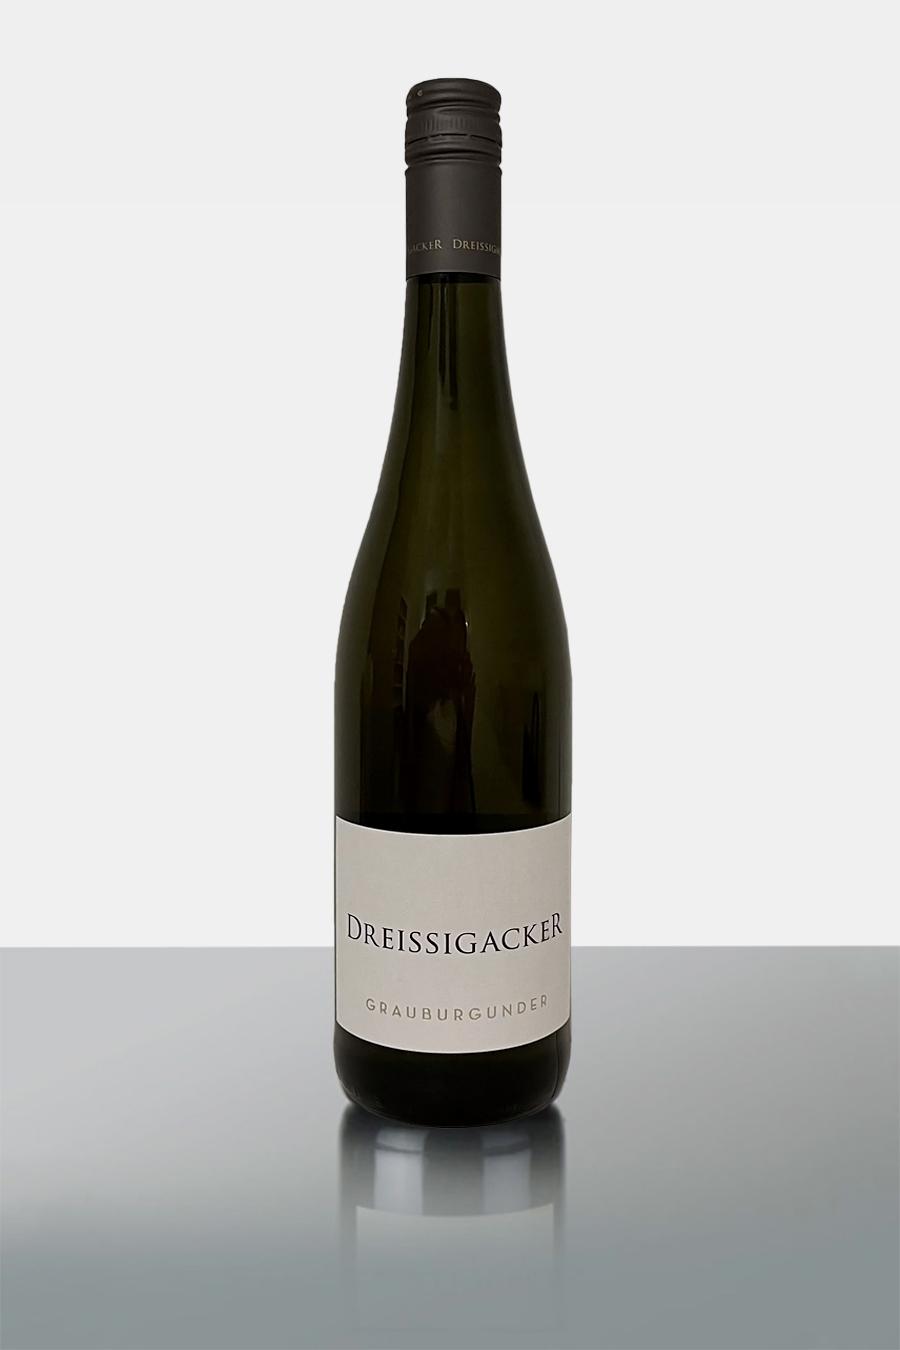 Auf der Suche nach duftigem und feinfruchtigem Weißwein? Dieser hier ist genau das, was man sich unter einem wunderbaren Wein vorstellt. Er ist wunderbar vital und lebendig. Charakterlich ist er wunderbar leicht. Das Bouquet des Trocken aus dem Jahr 2019 erinnert an Rosine, Melone und grüne Birne. Und noch mehr bietet er an: So fügen sich Aromen wie Nuss, Mandel und Butter ins Geschmacksbild. Der Wein strahlt in mittlerem Goldgelb. Ein Wein für jeden Anlass, du findest es heraus….!